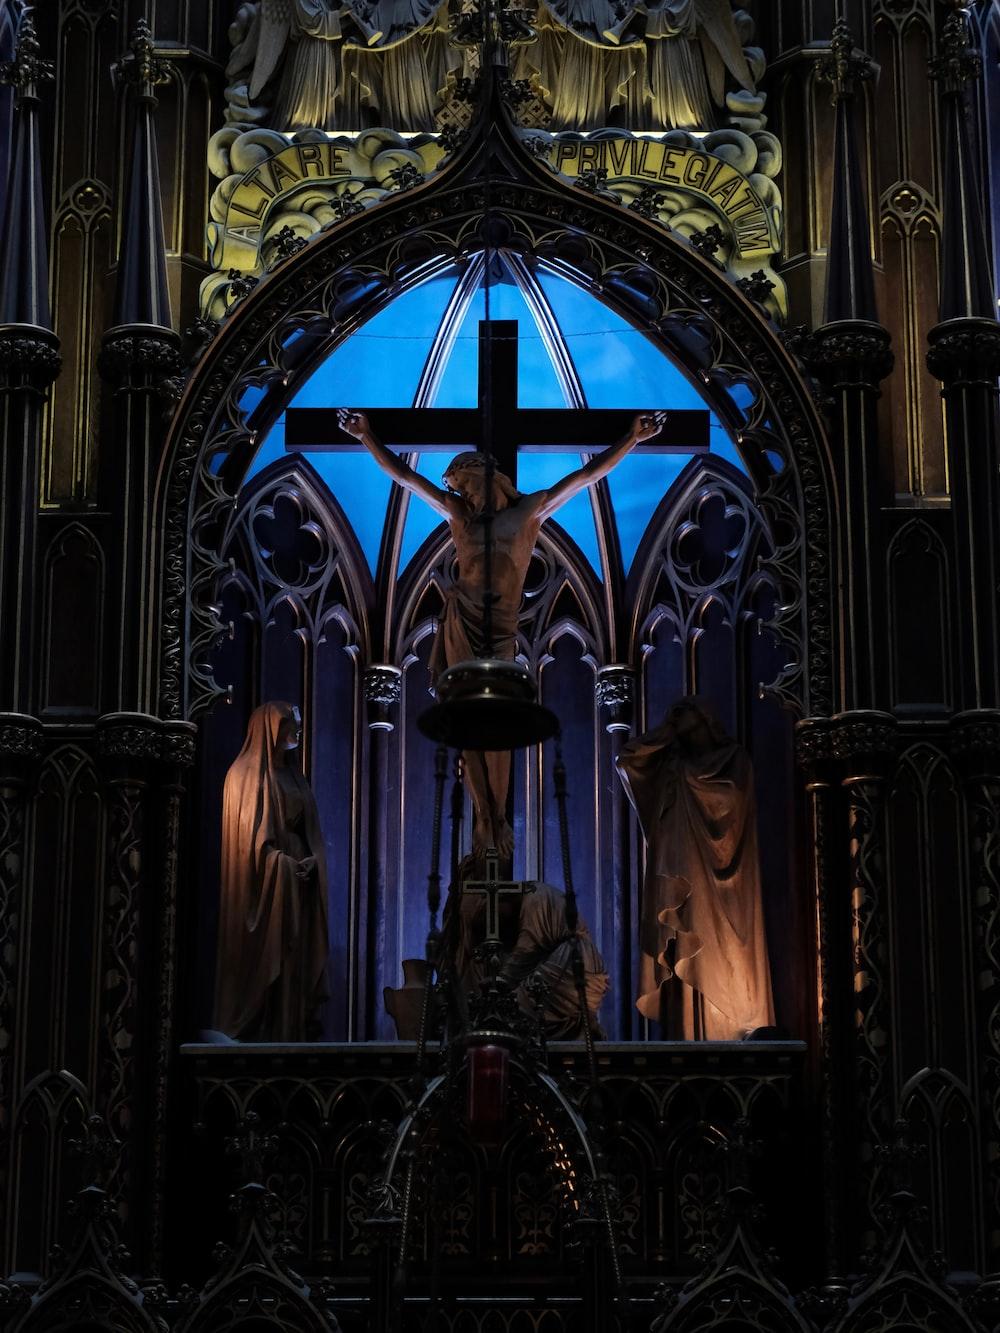 Jesus crucifix statue